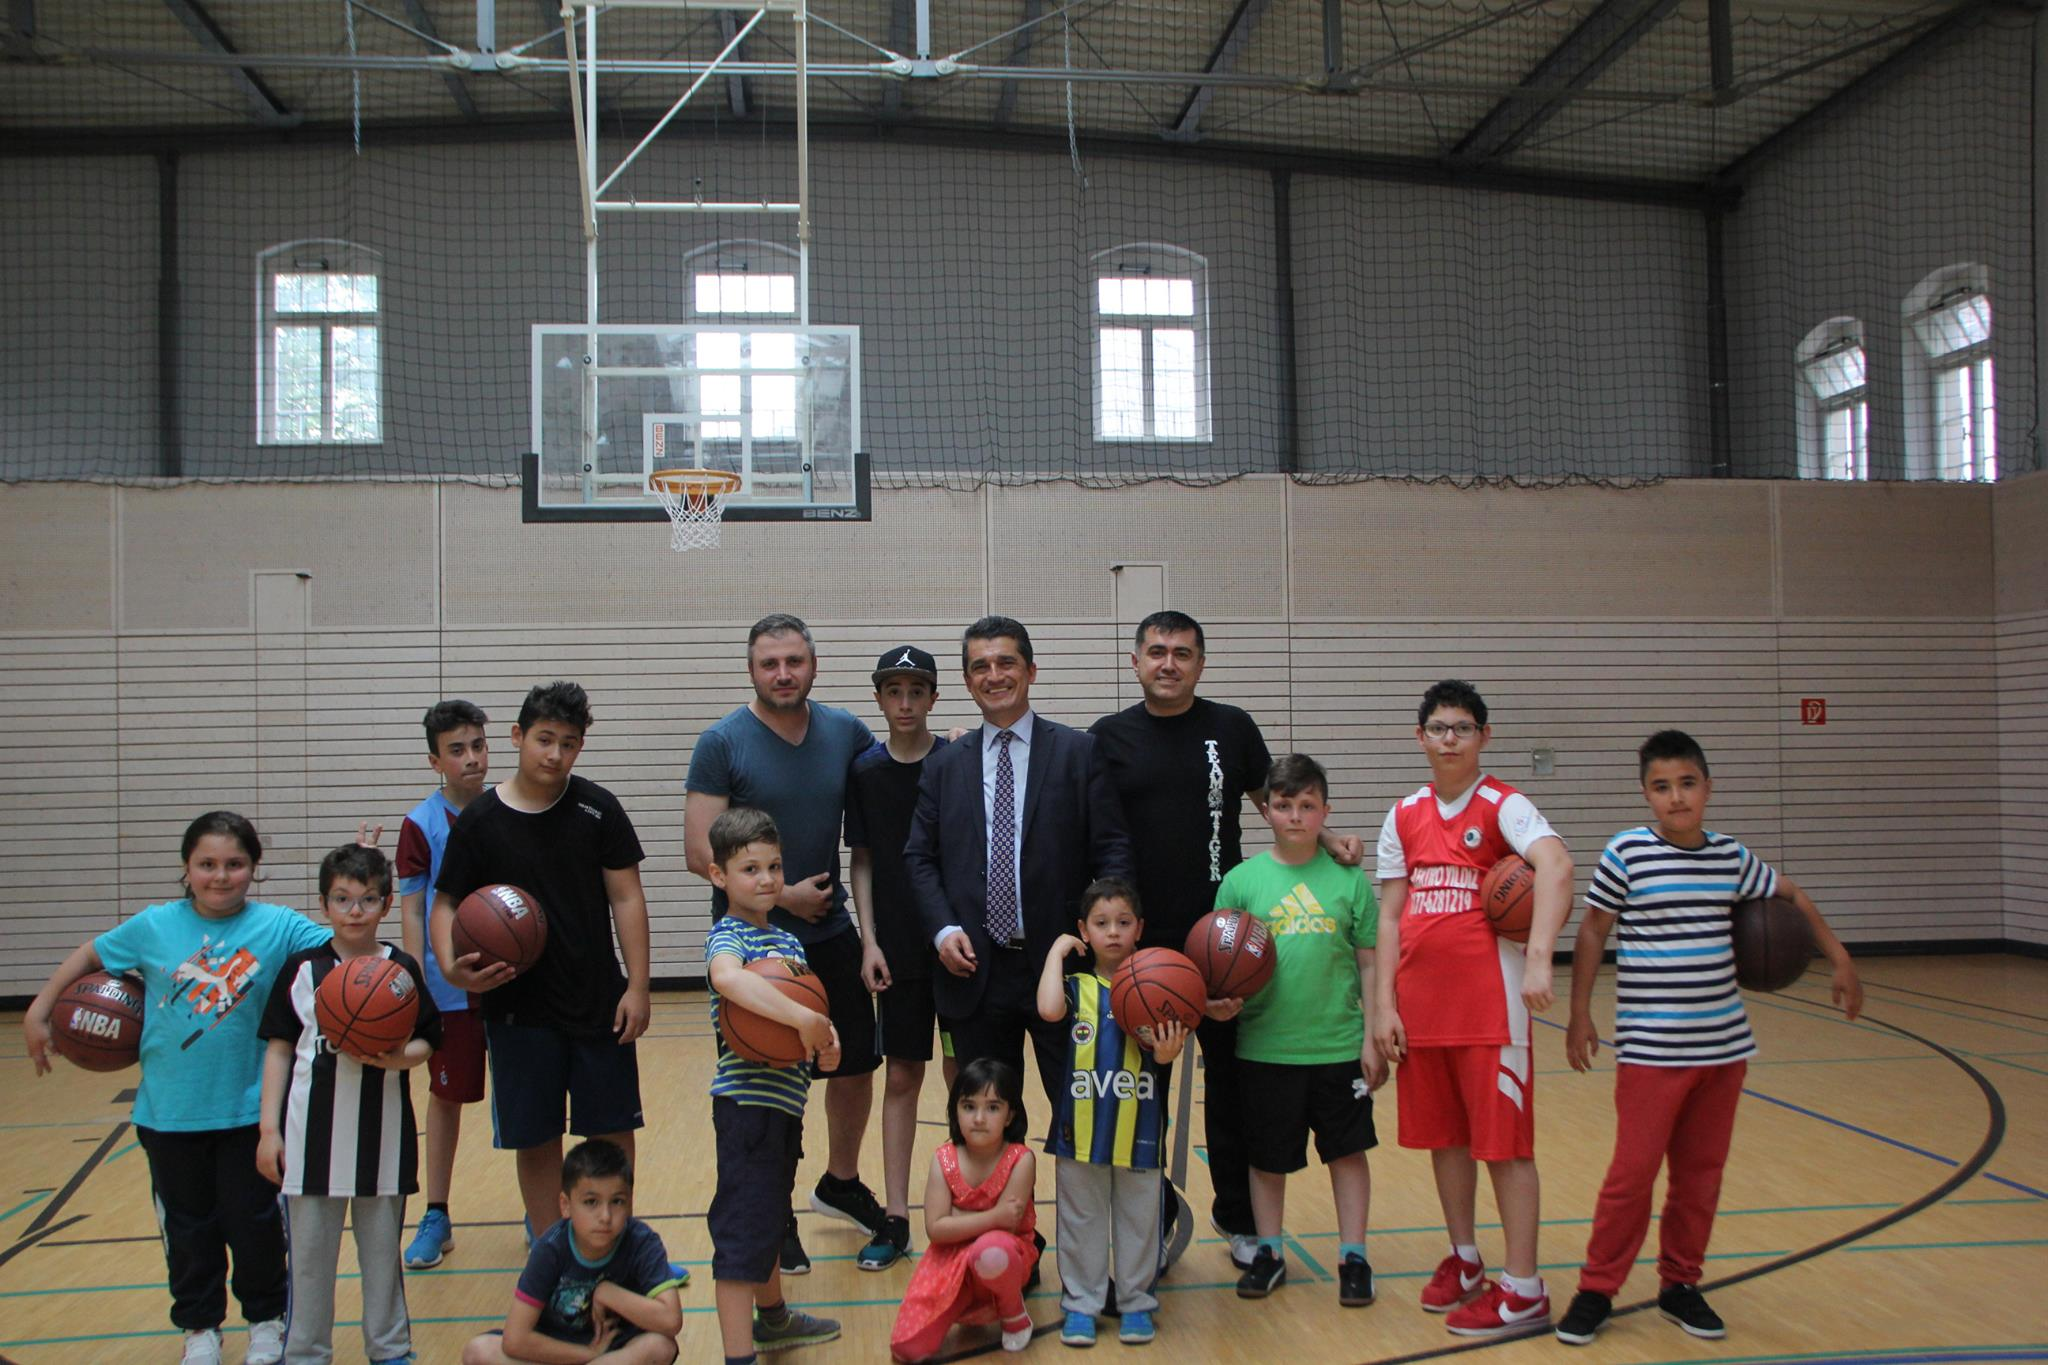 Türk Ateş Spor Okulları 4 Branşta Hizmetinizde